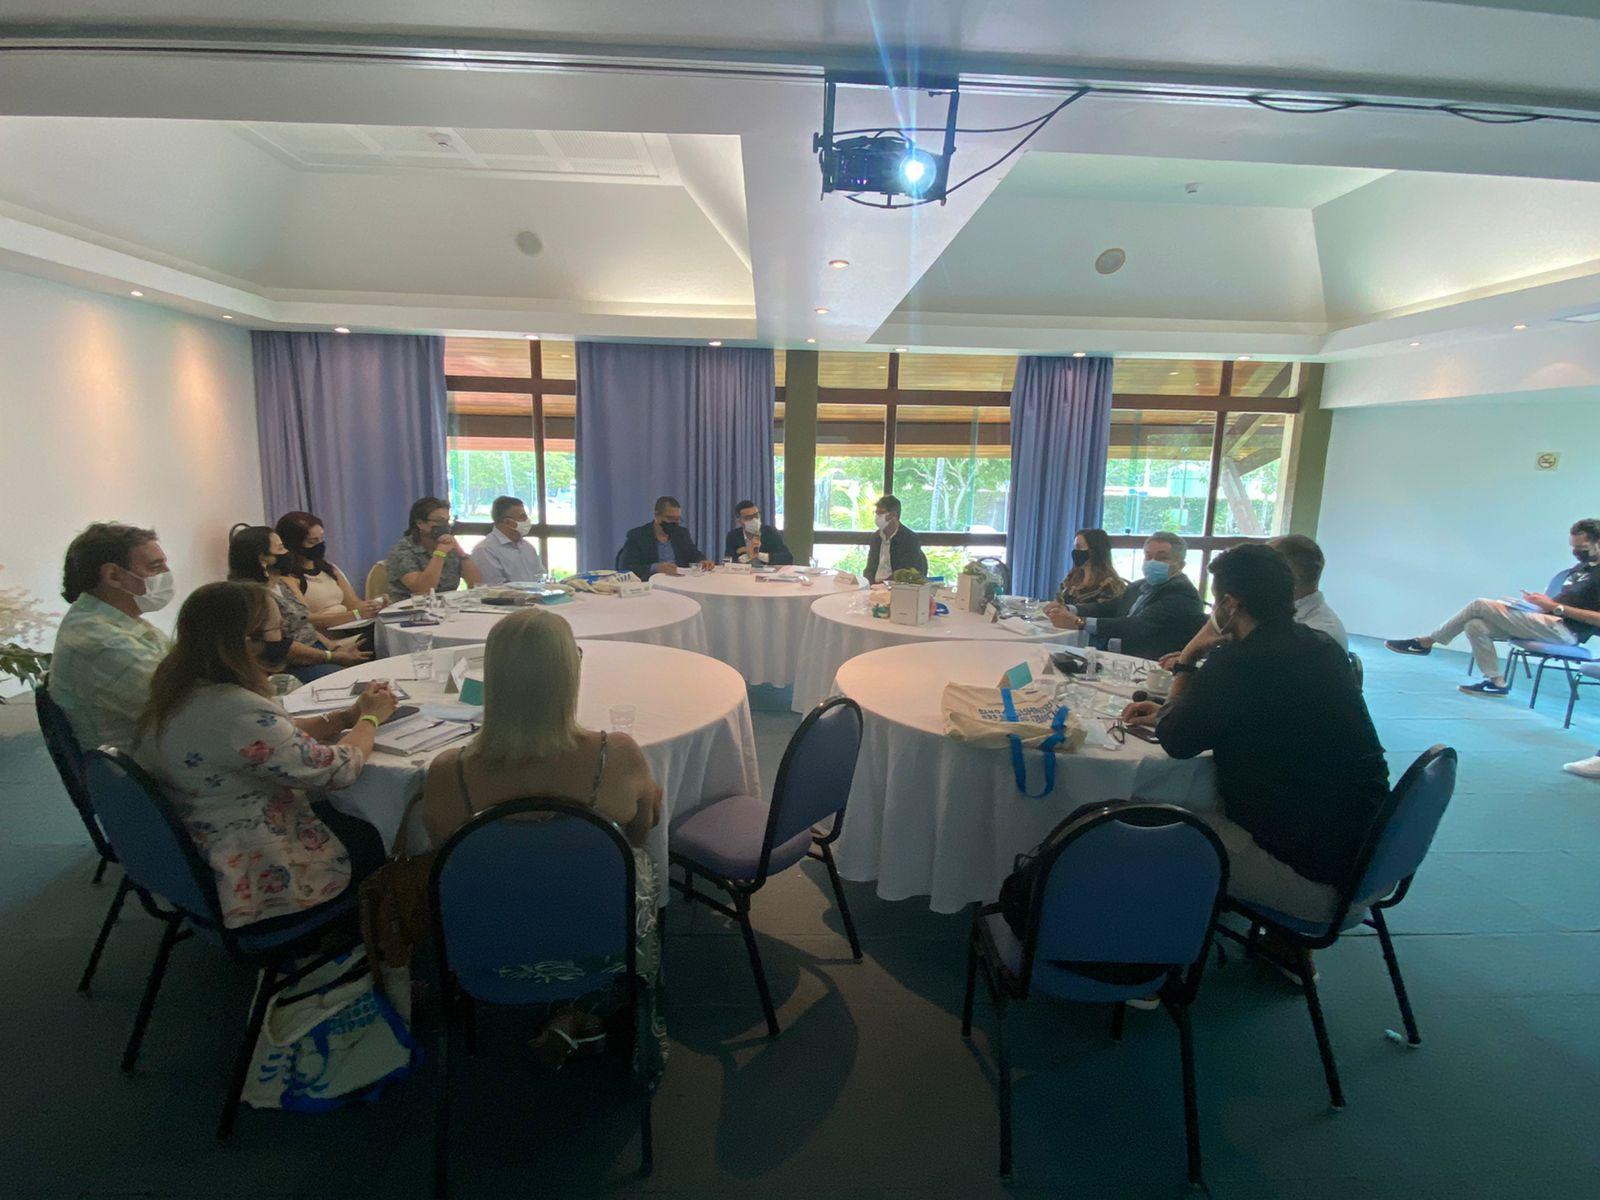 Neste 14º encontro, realizado em Ipojuca, o foco foi a apresentação da construção de um protocolo de voltas às aulas e como se dará esse retorno nas cidades da RMR. (Agnaldo Silva/Secom Ipojuca)